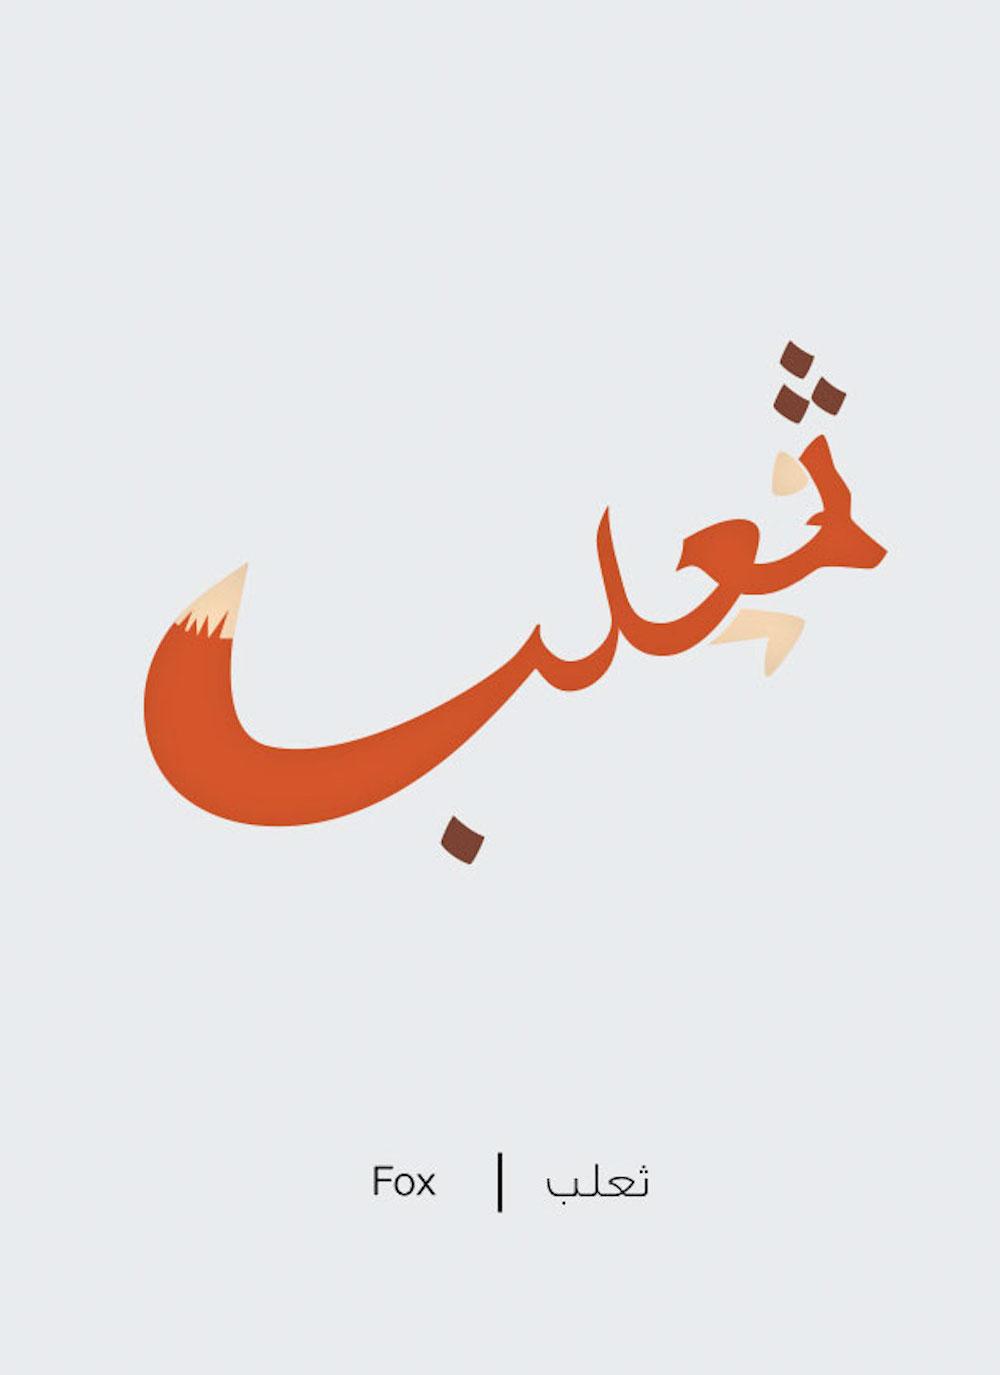 pour illustrer la langue arabe il transforme les mots en dessins 8